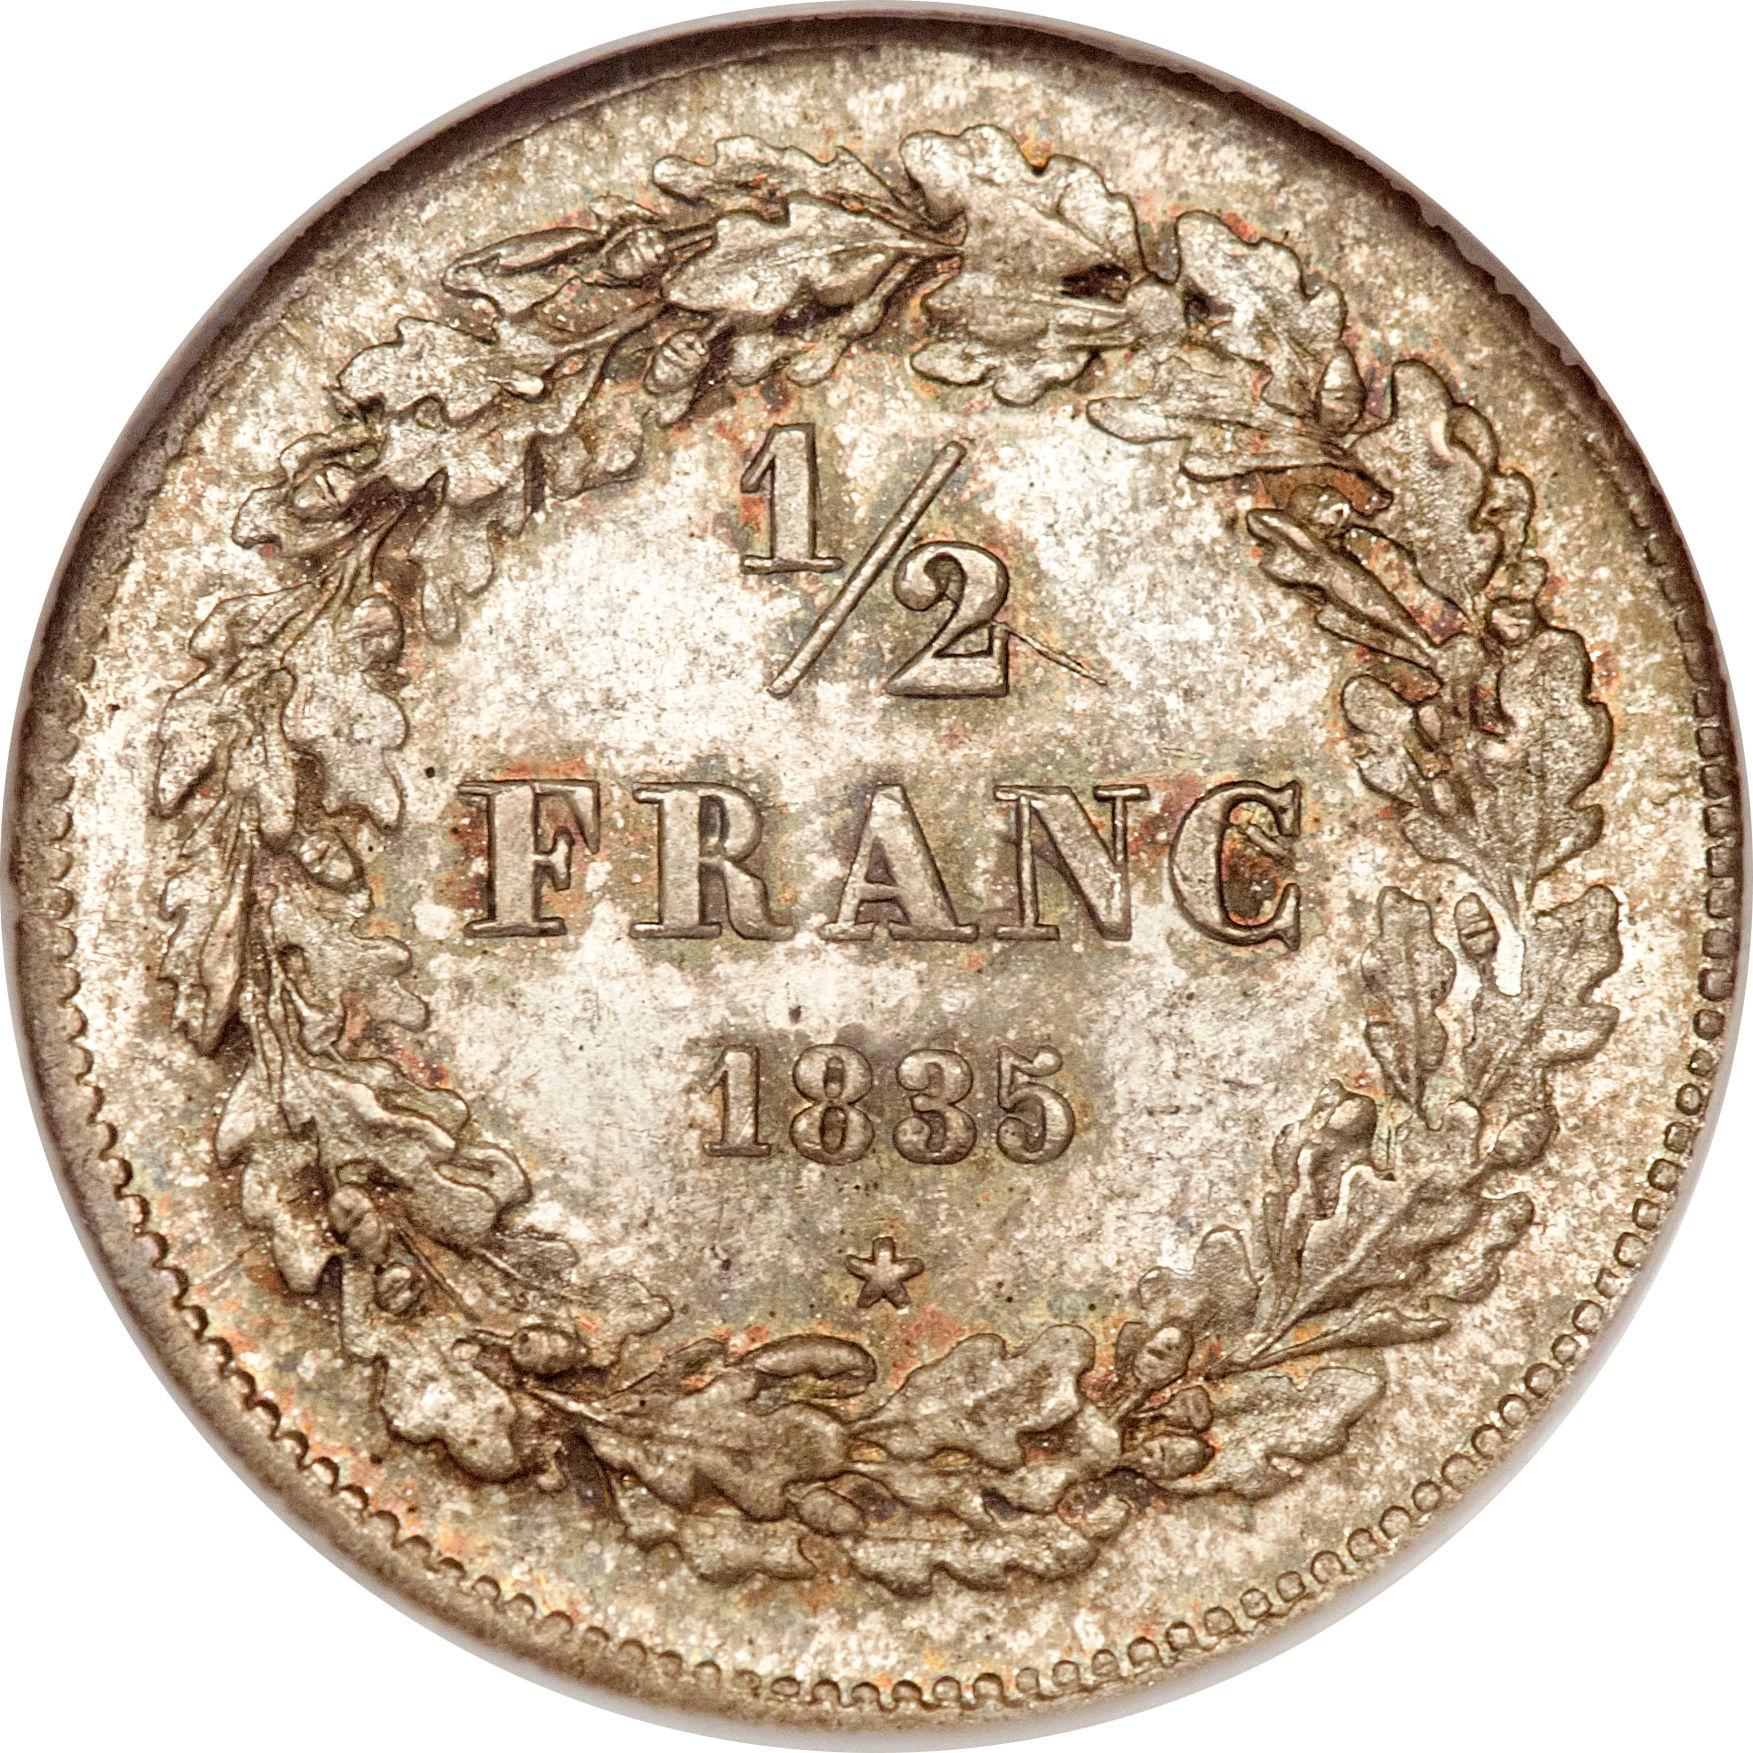 Franc l opold i belgium numista for France francs